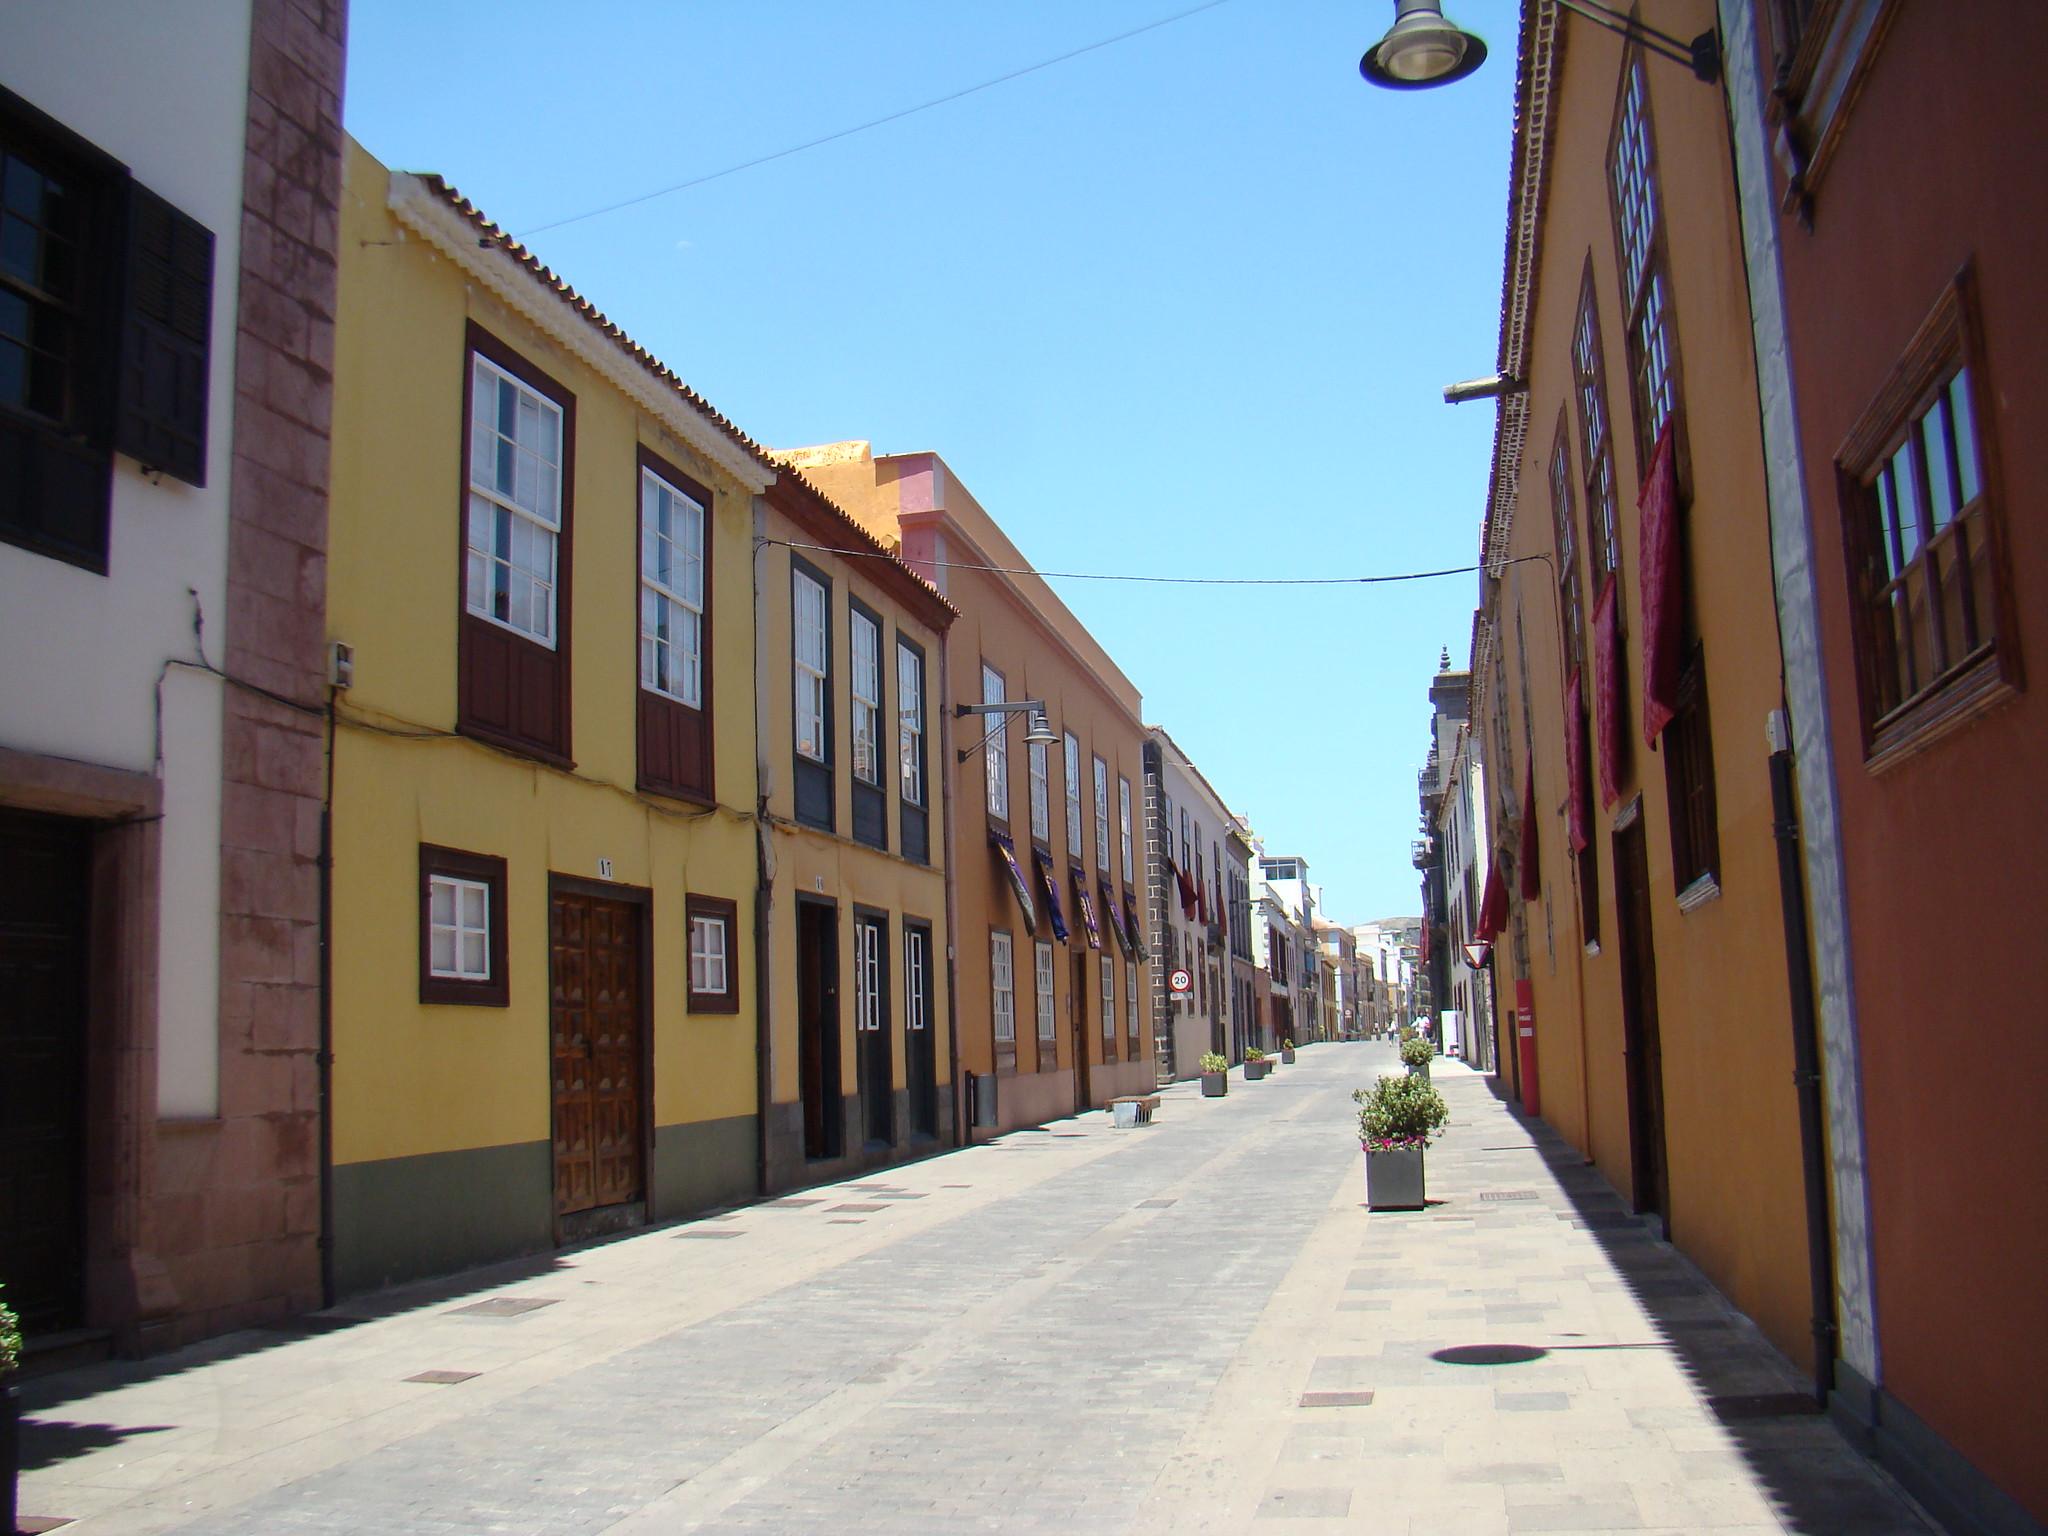 Palacio de Lecaro Museo de Historia calle San Agustin San Cristobal de La Laguna Isla de Tenerife Patrimonio de la Humanidad